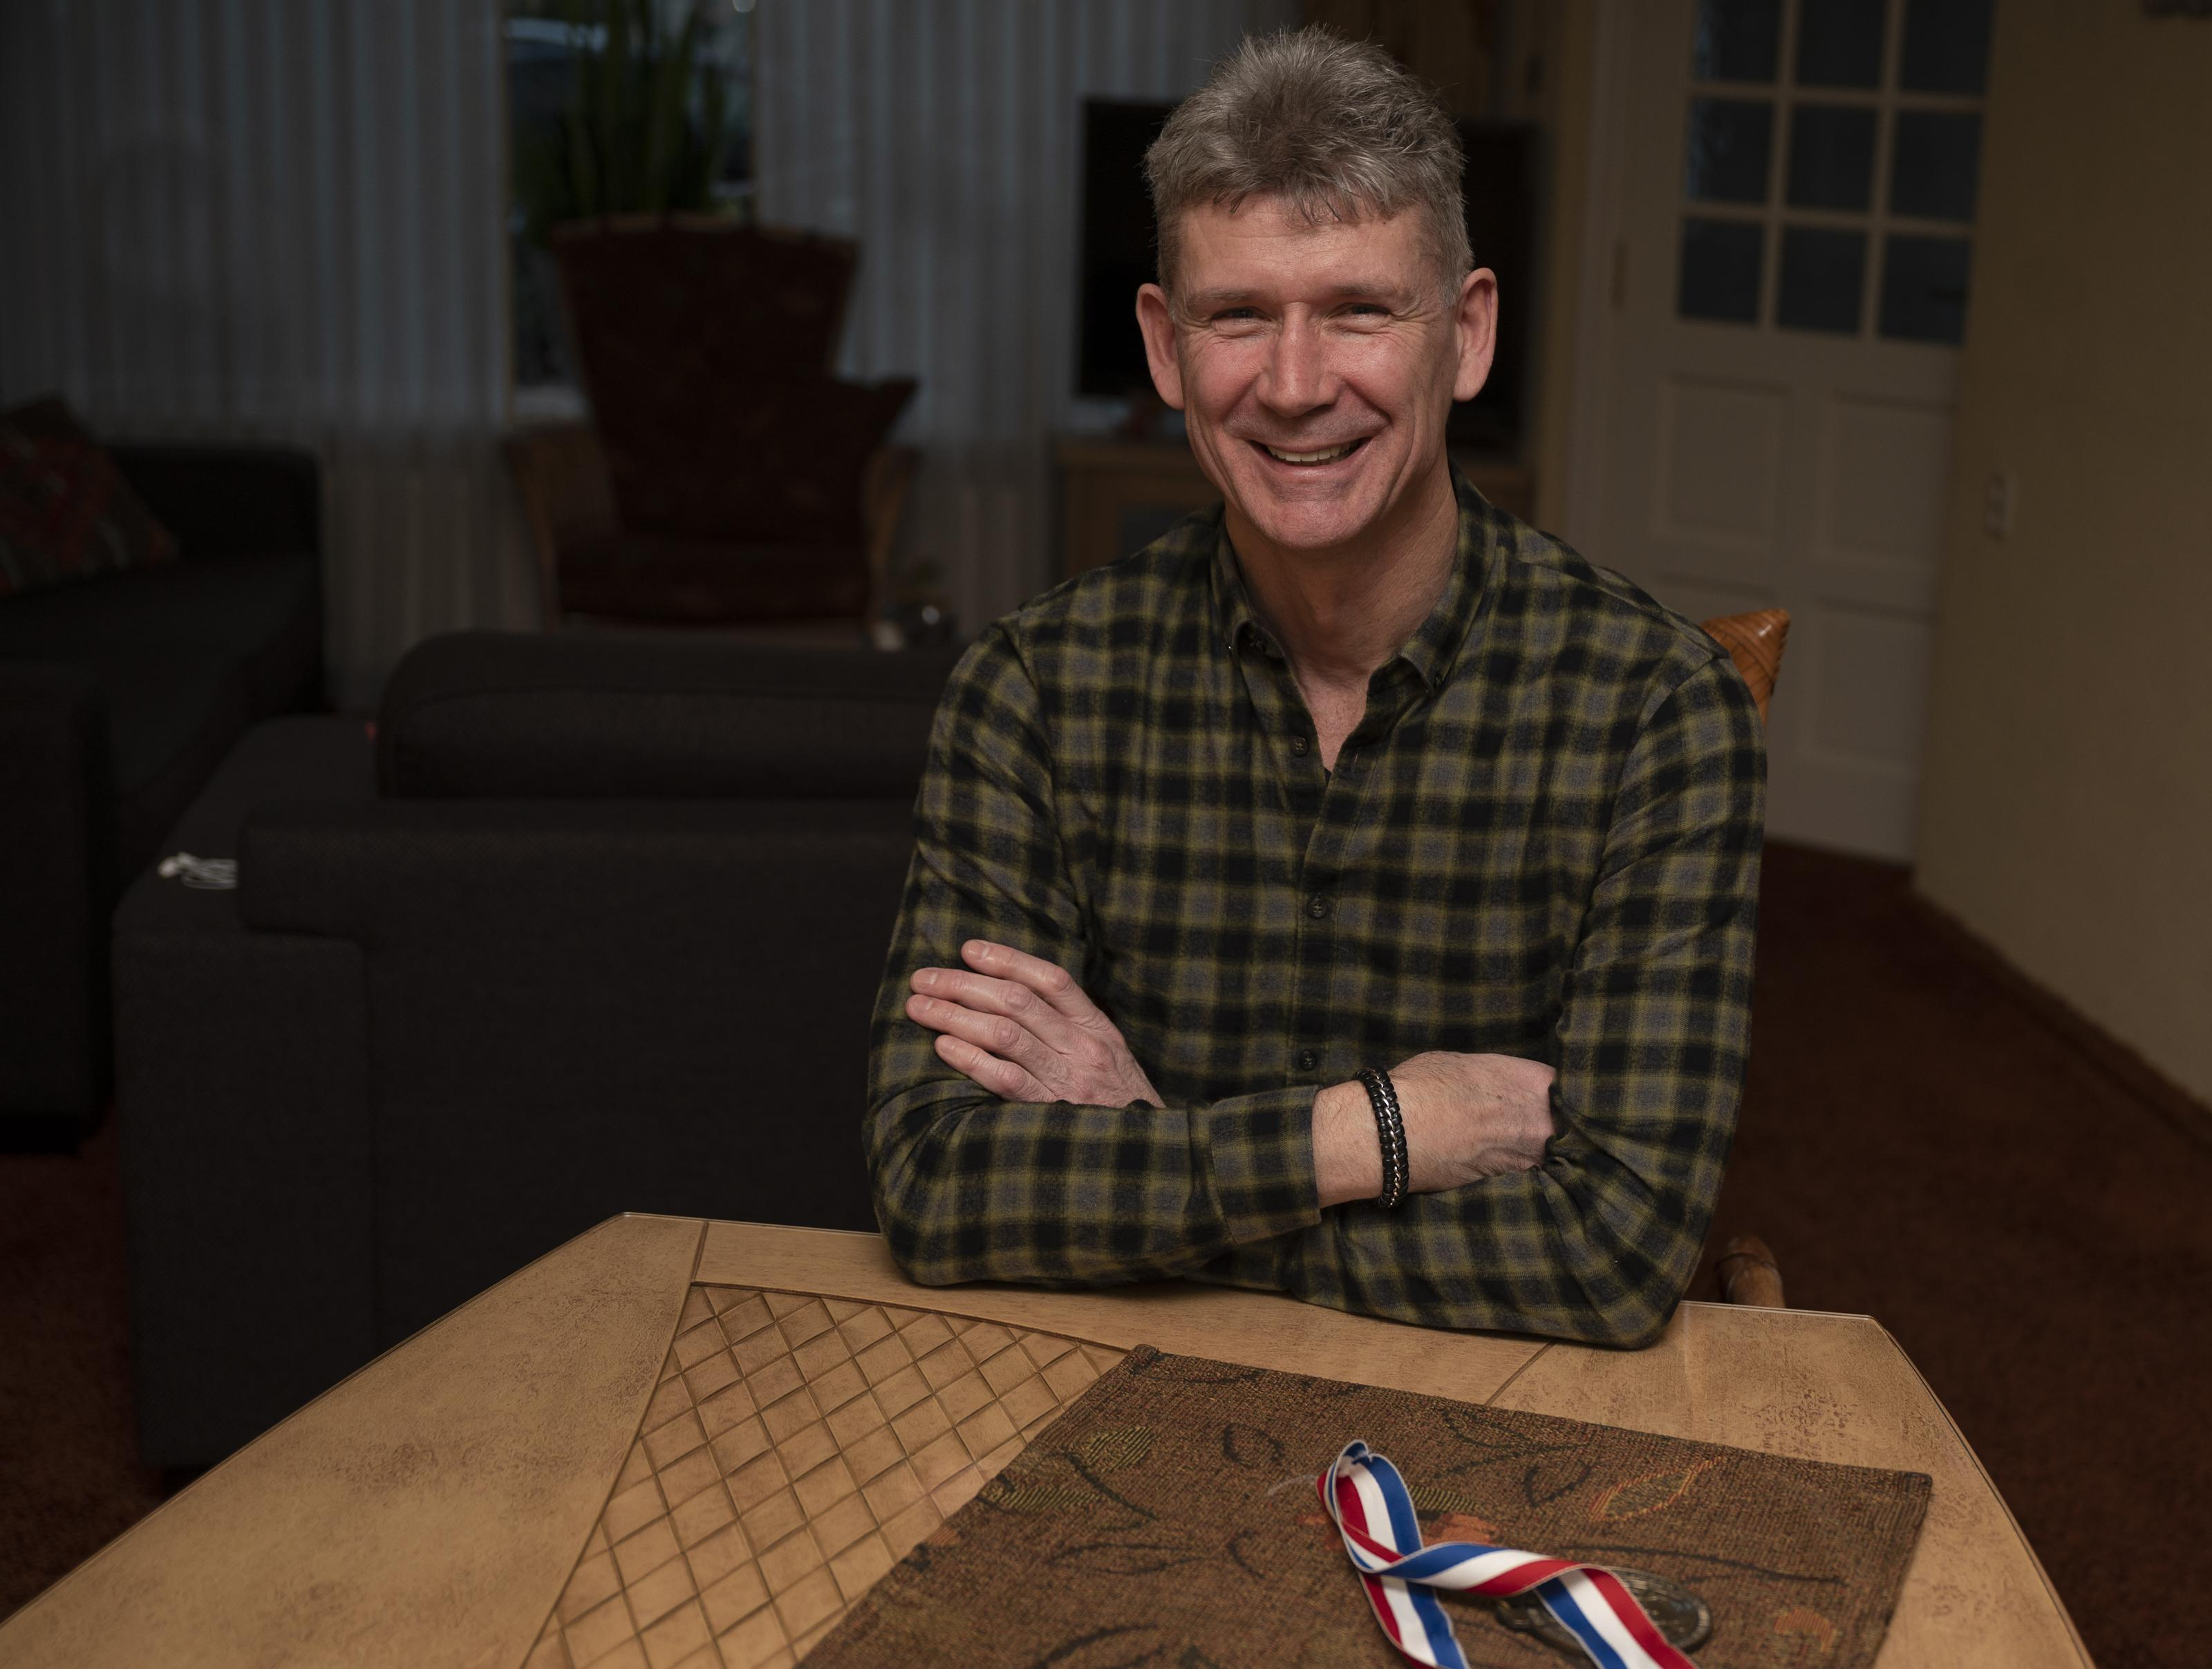 Volendammer Jan Smit begon pas op z'n achttiende met taekwondo, het weerhield hem er niet in van om in 1990 de wereldtitel te veroveren in de sport die tien jaar later olympisch werd